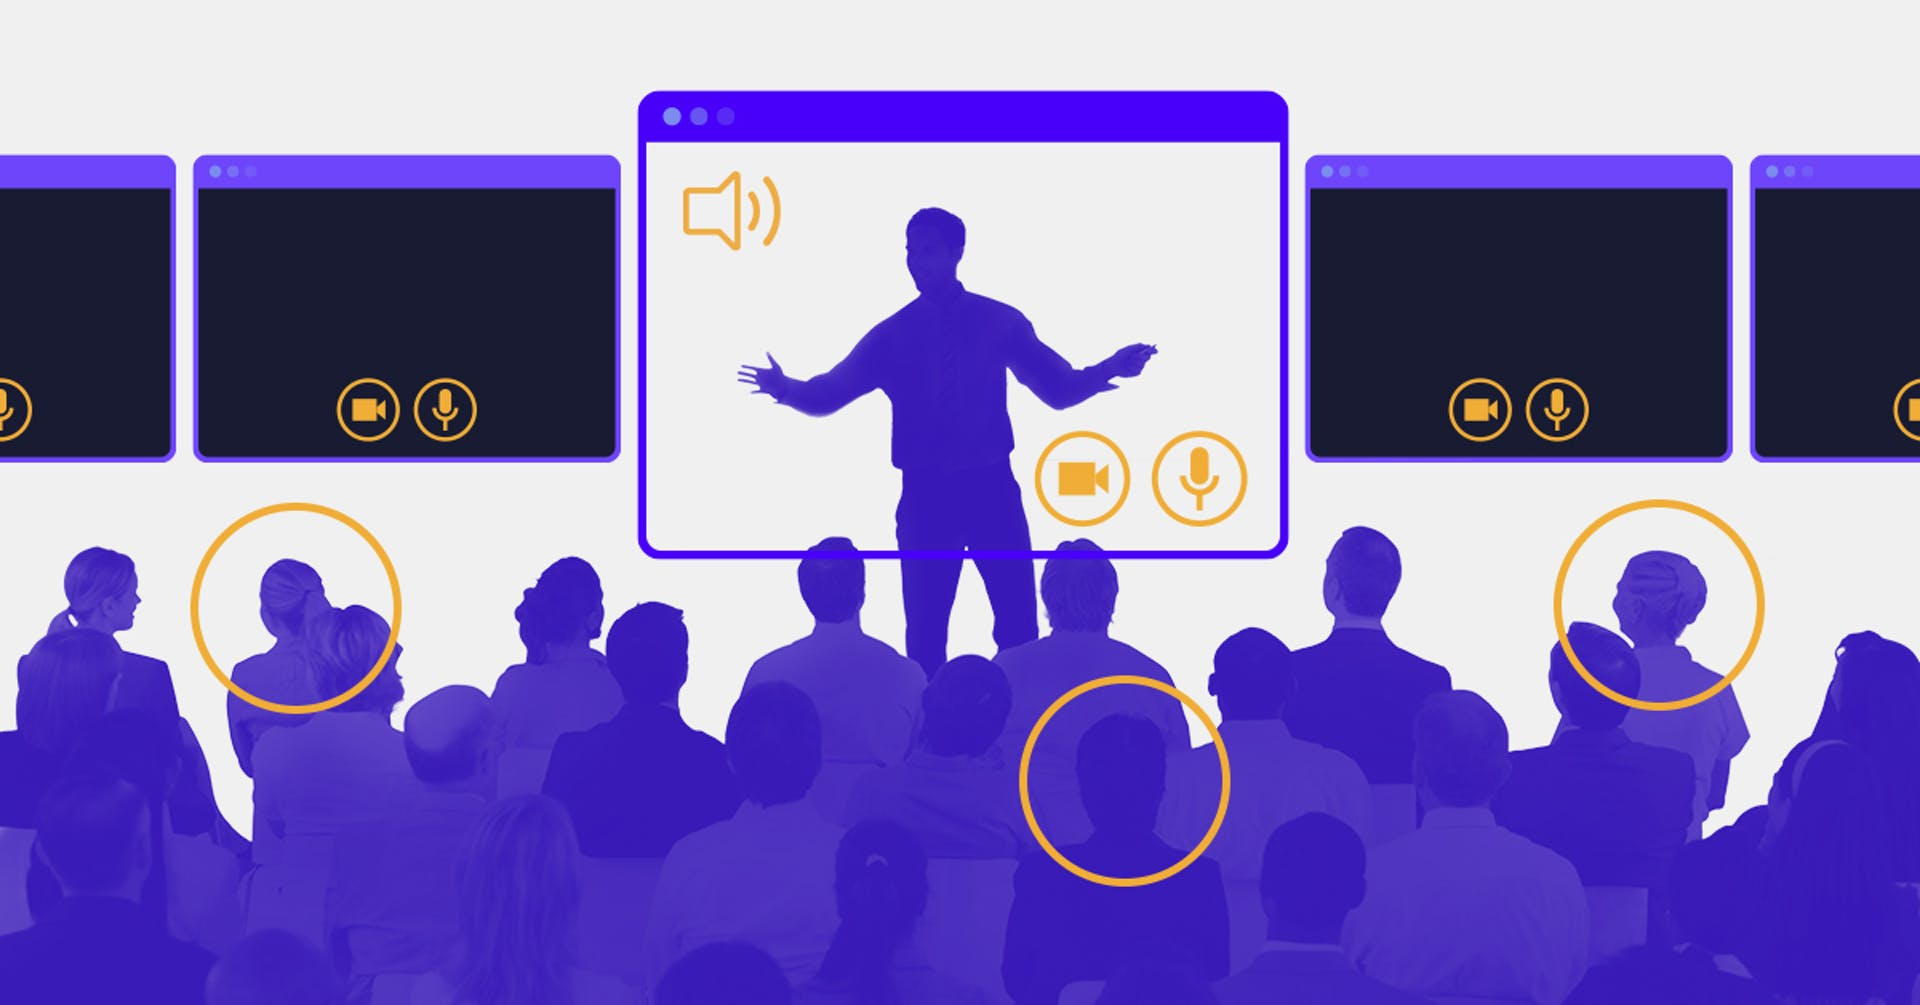 ¿Cómo tener una comunicación asertiva en equipo remoto? Pautas para lograrlo